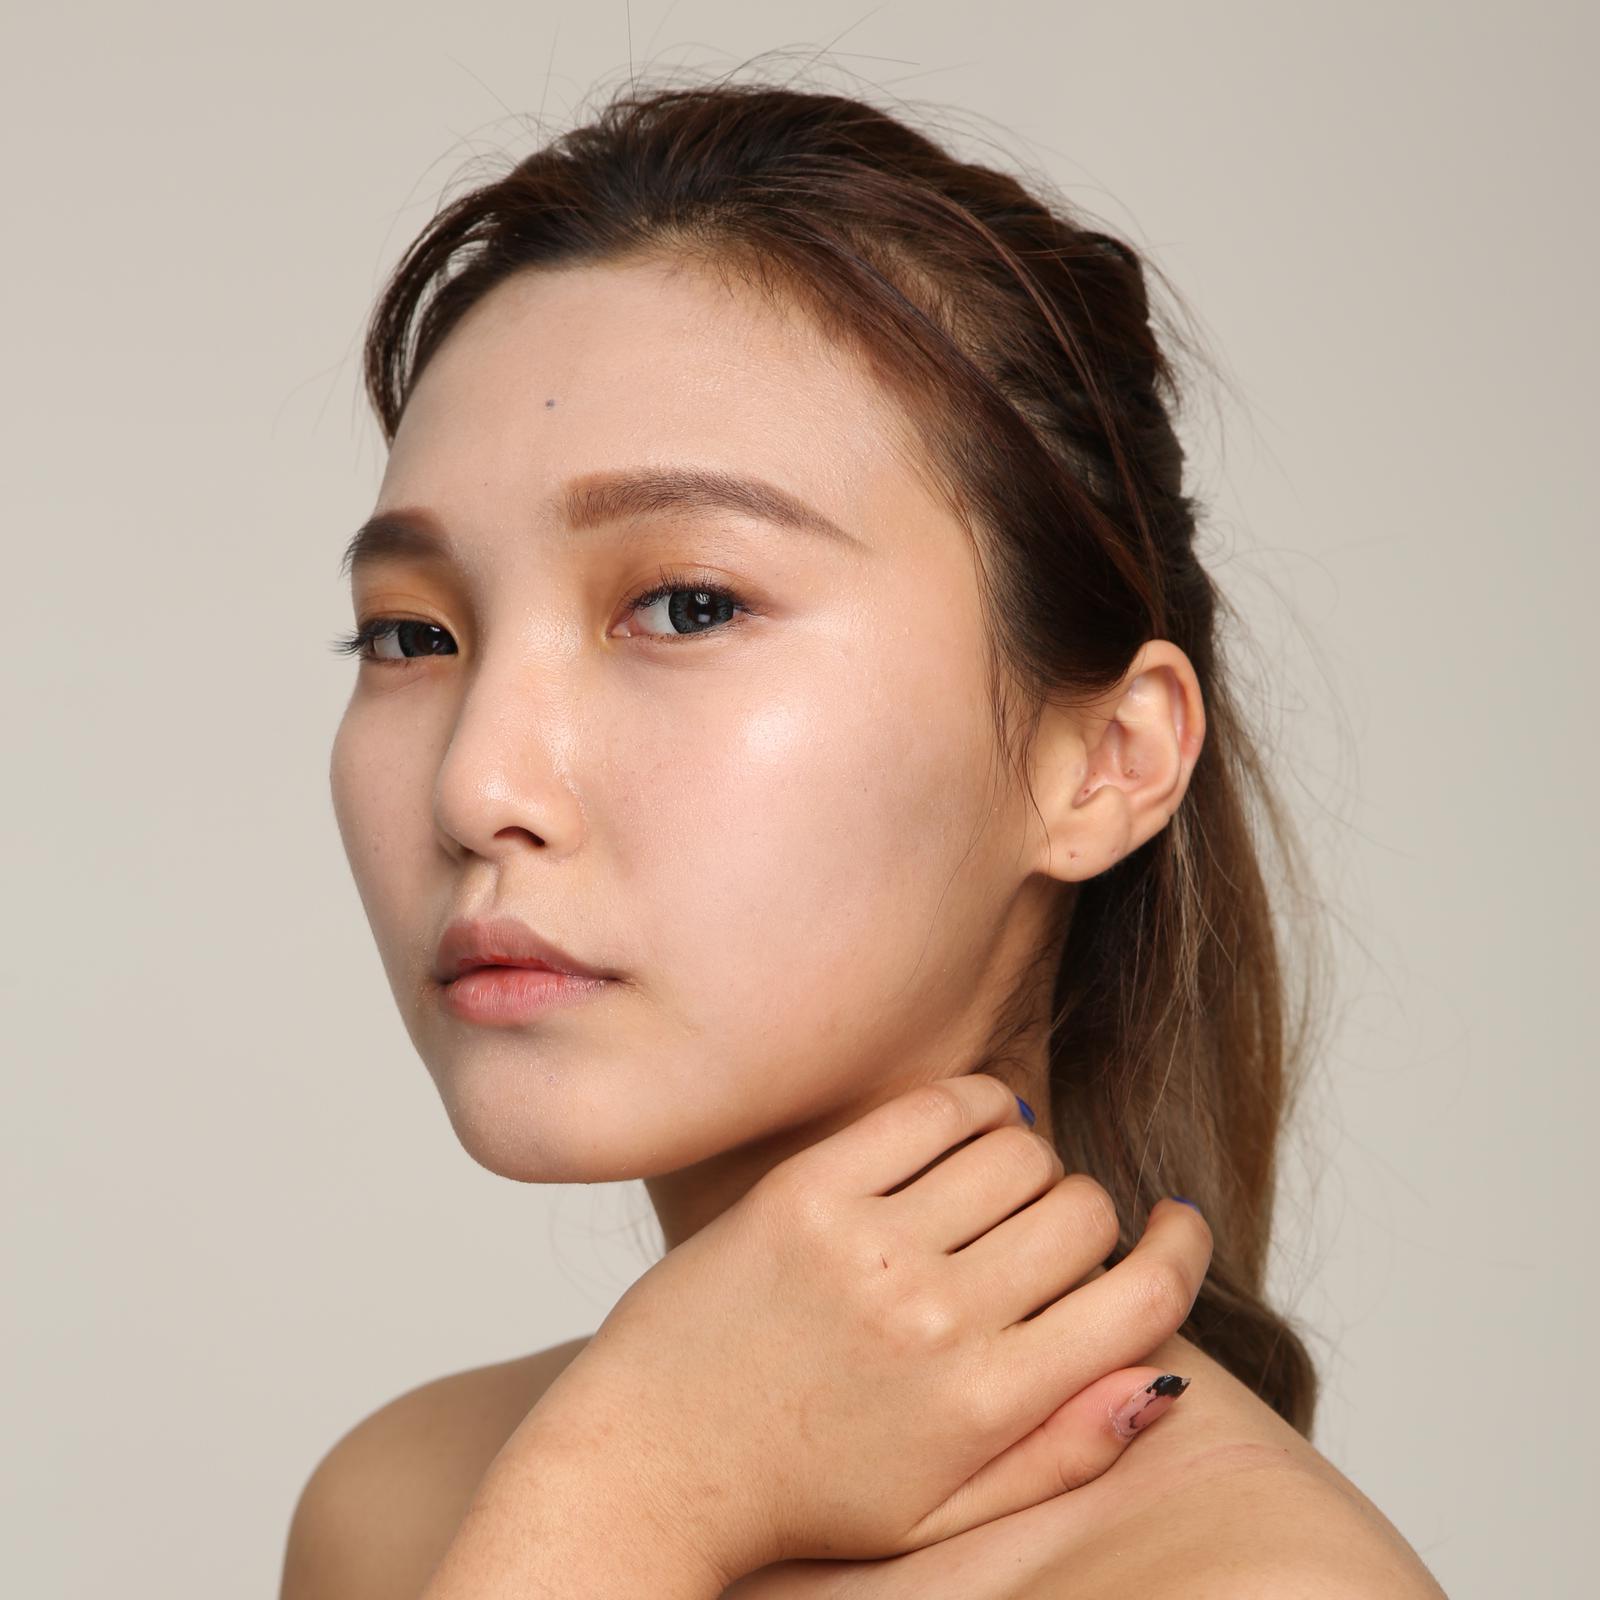 轮廓手术是大手术,做之前一定要选技术好的医院!分享我在韩国做轮廓整形的经历,变美不易,且整且珍惜!